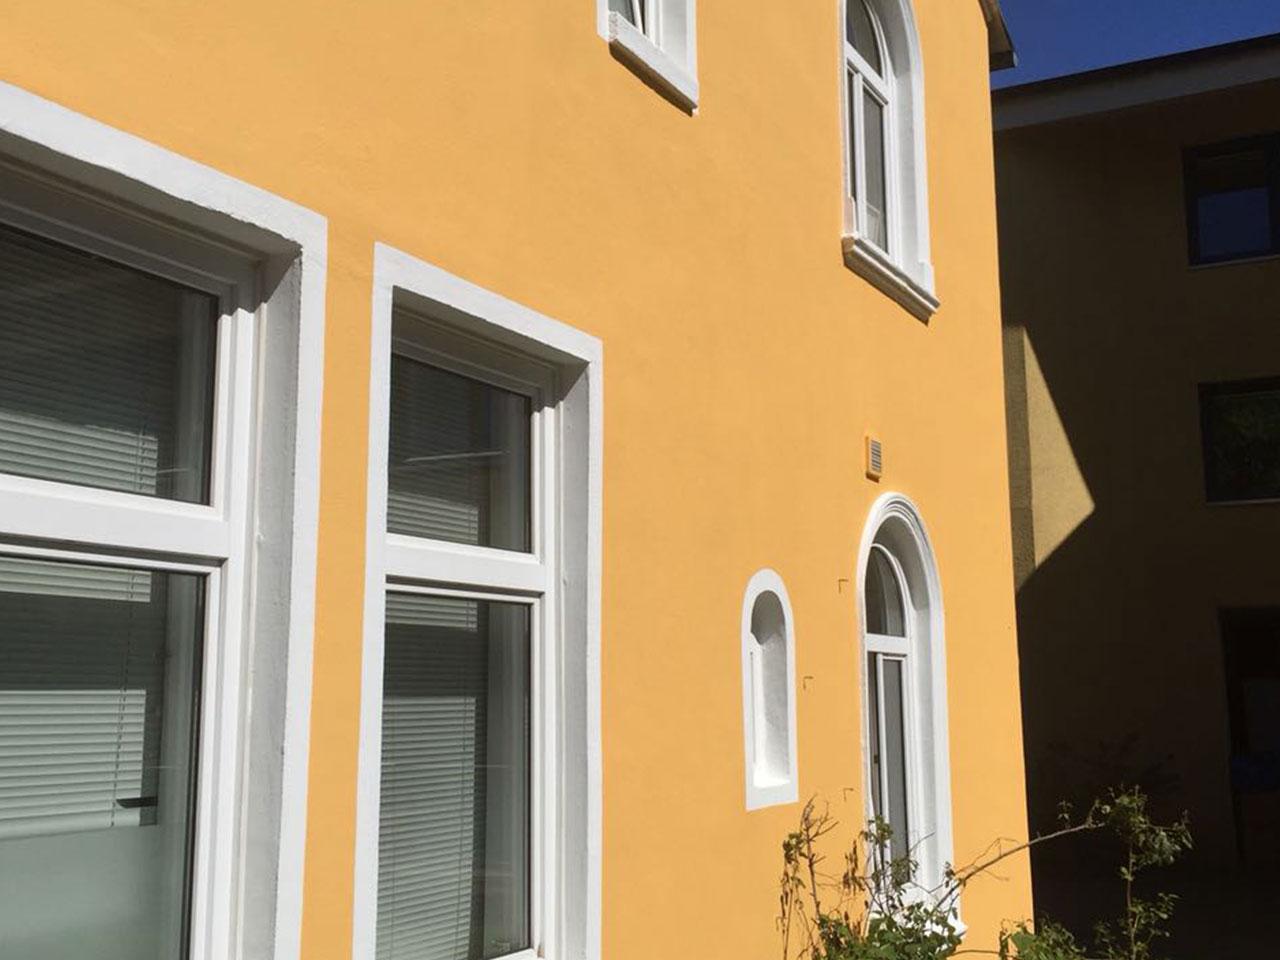 Schräge Ansicht auf gelbes Haus nach Fassadenrenovierung